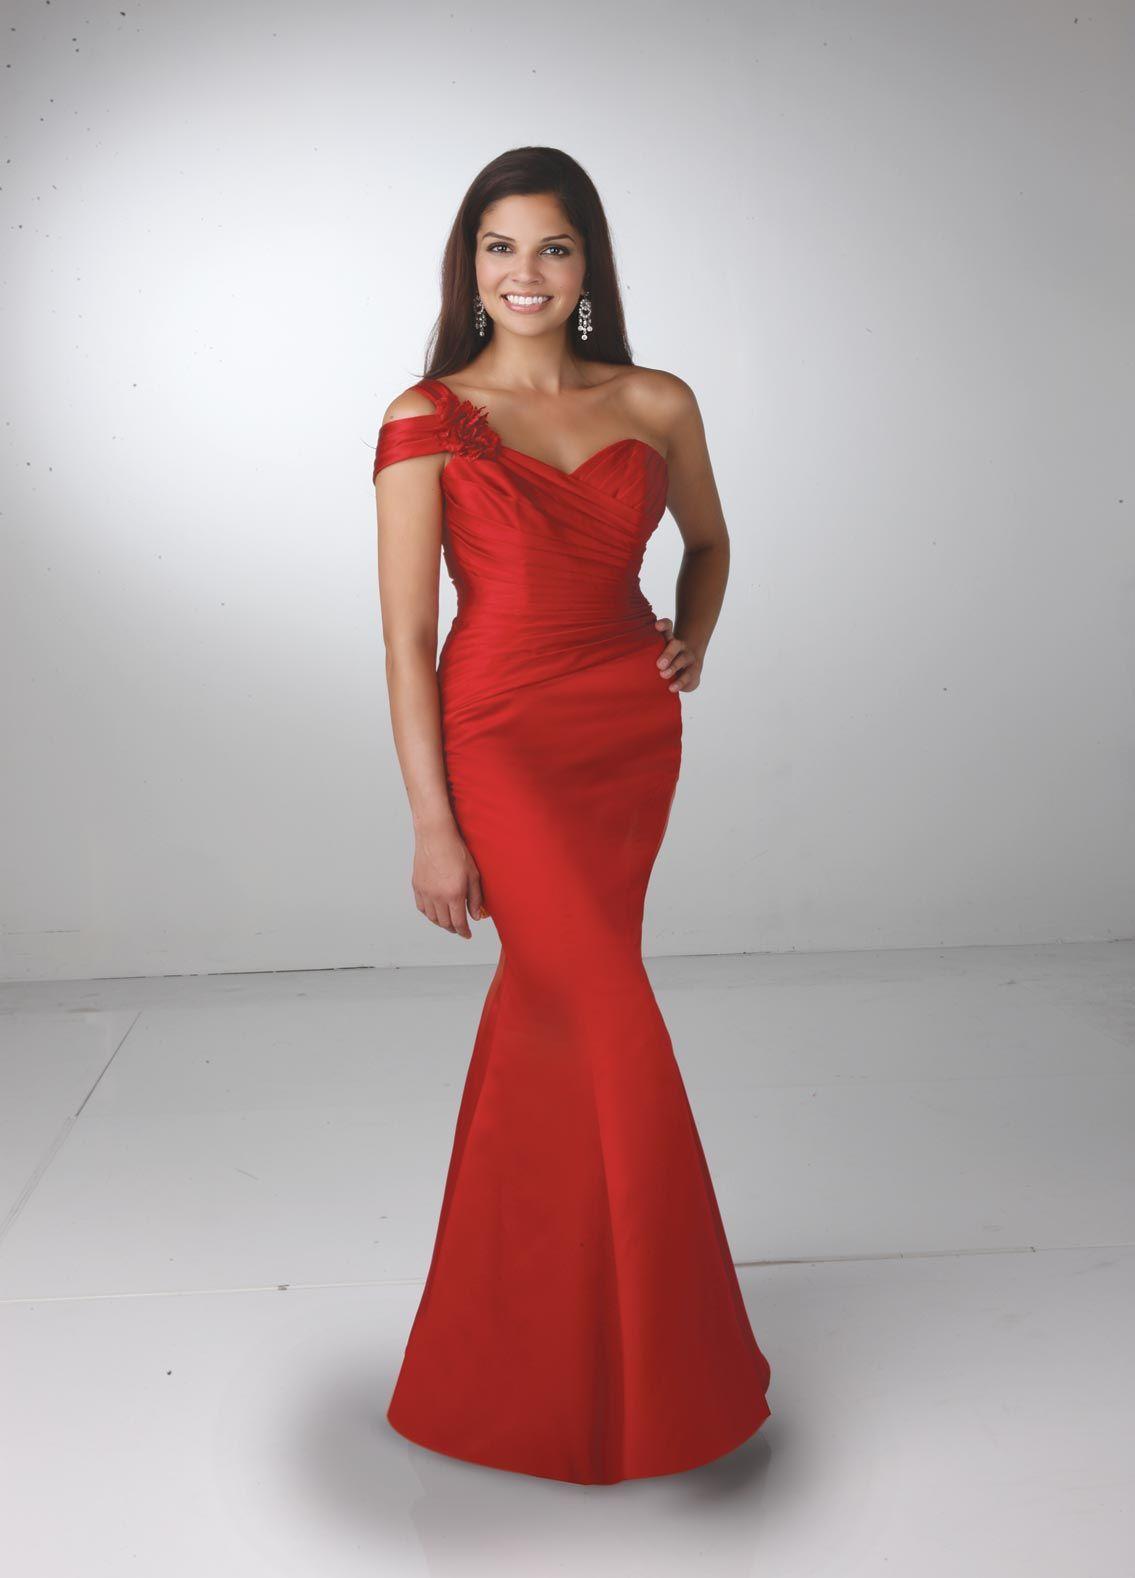 09479ac375 DaVinci Bridesmaid full length satin mermaid dress